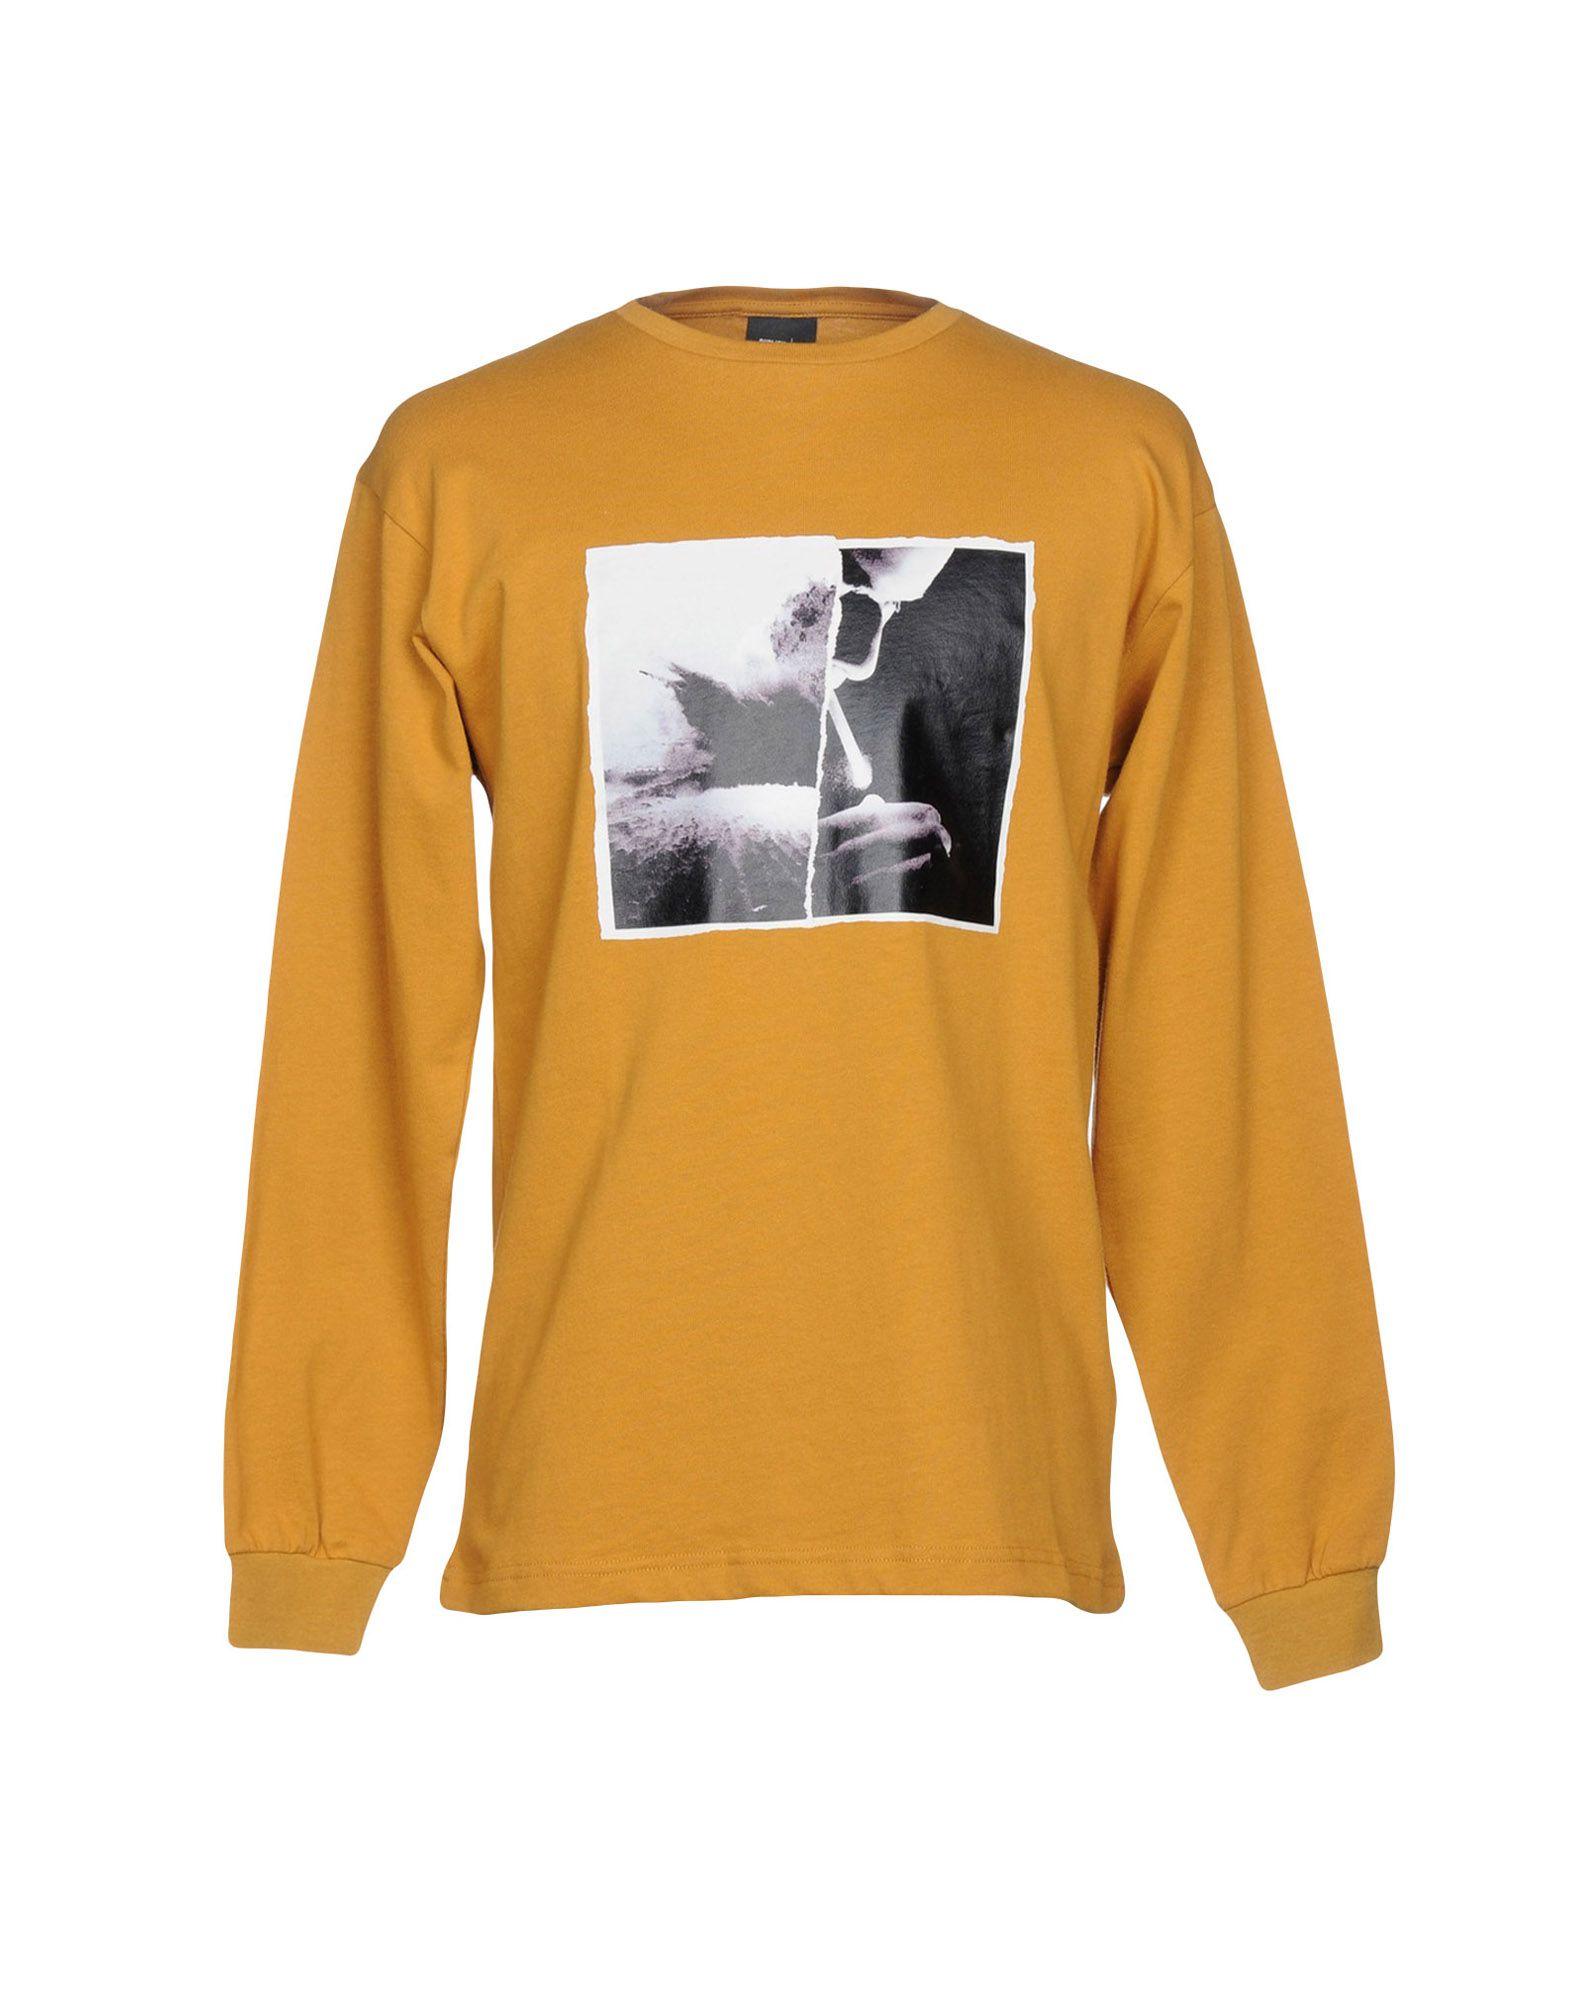 PUBLISH Sweatshirt in Ocher